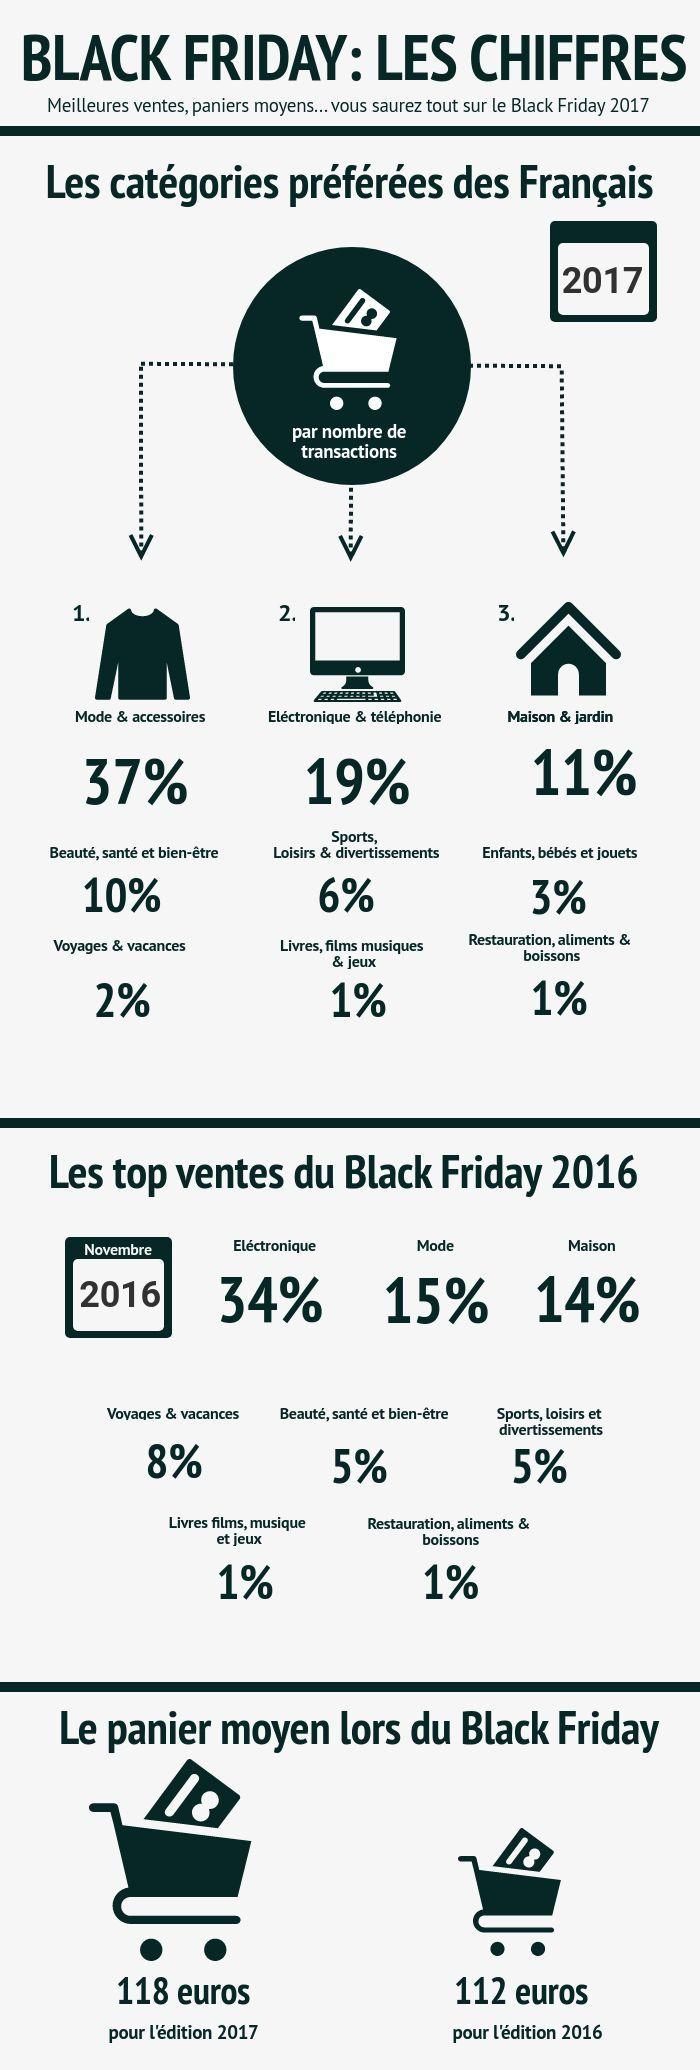 Black Friday 2017 : Les Français Ont Acheté destiné Gros Chiffres À Imprimer